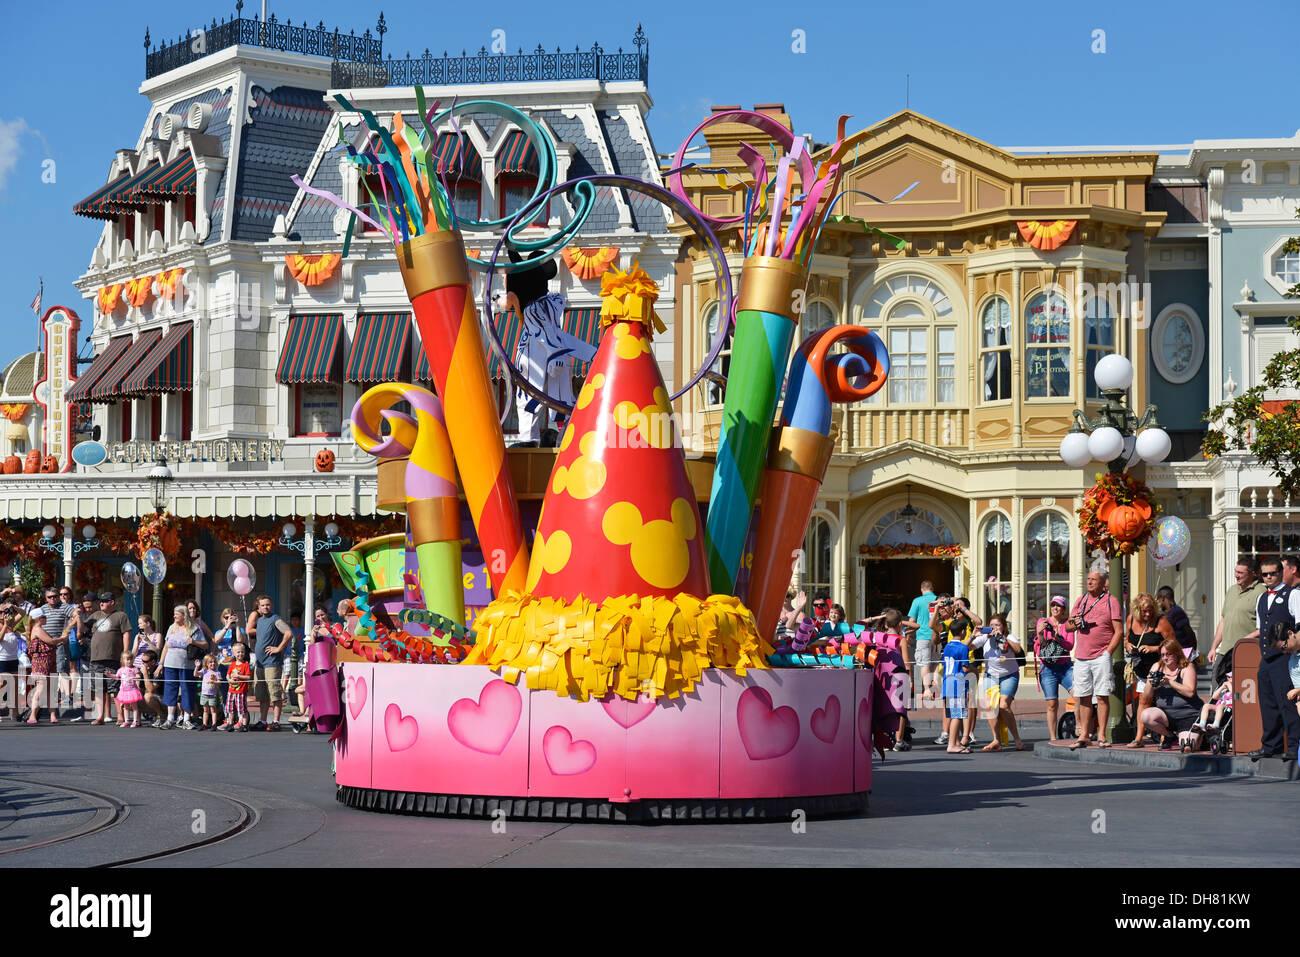 Flotador en un desfile en la calle principal de Magic Kingdom, Disney World Resort, Orlando, Florida Imagen De Stock